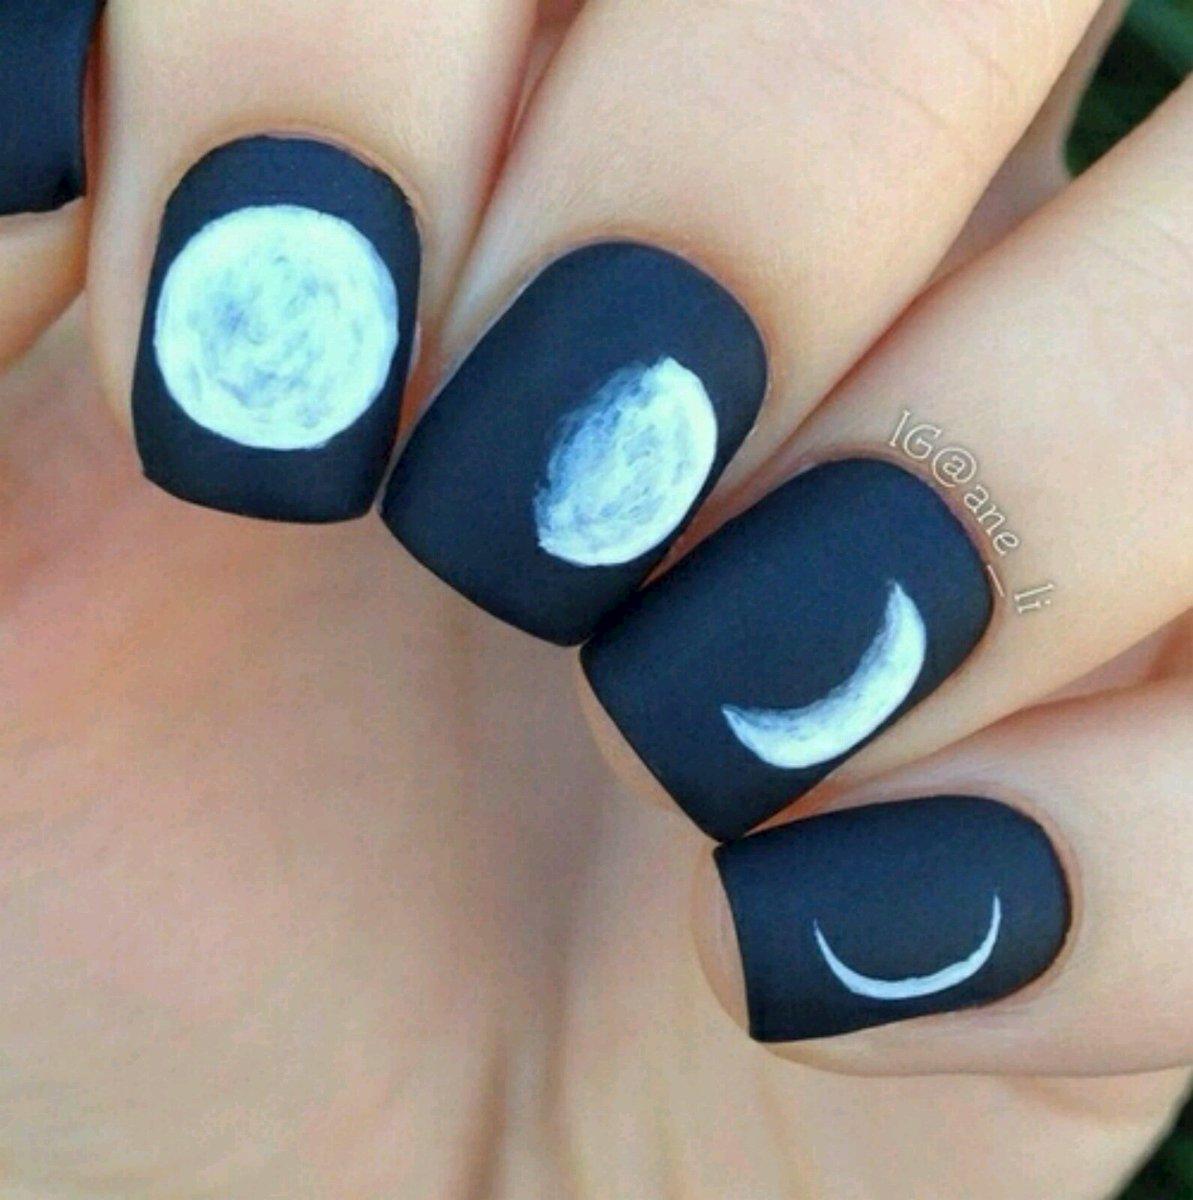 Маникюр с фазами луны